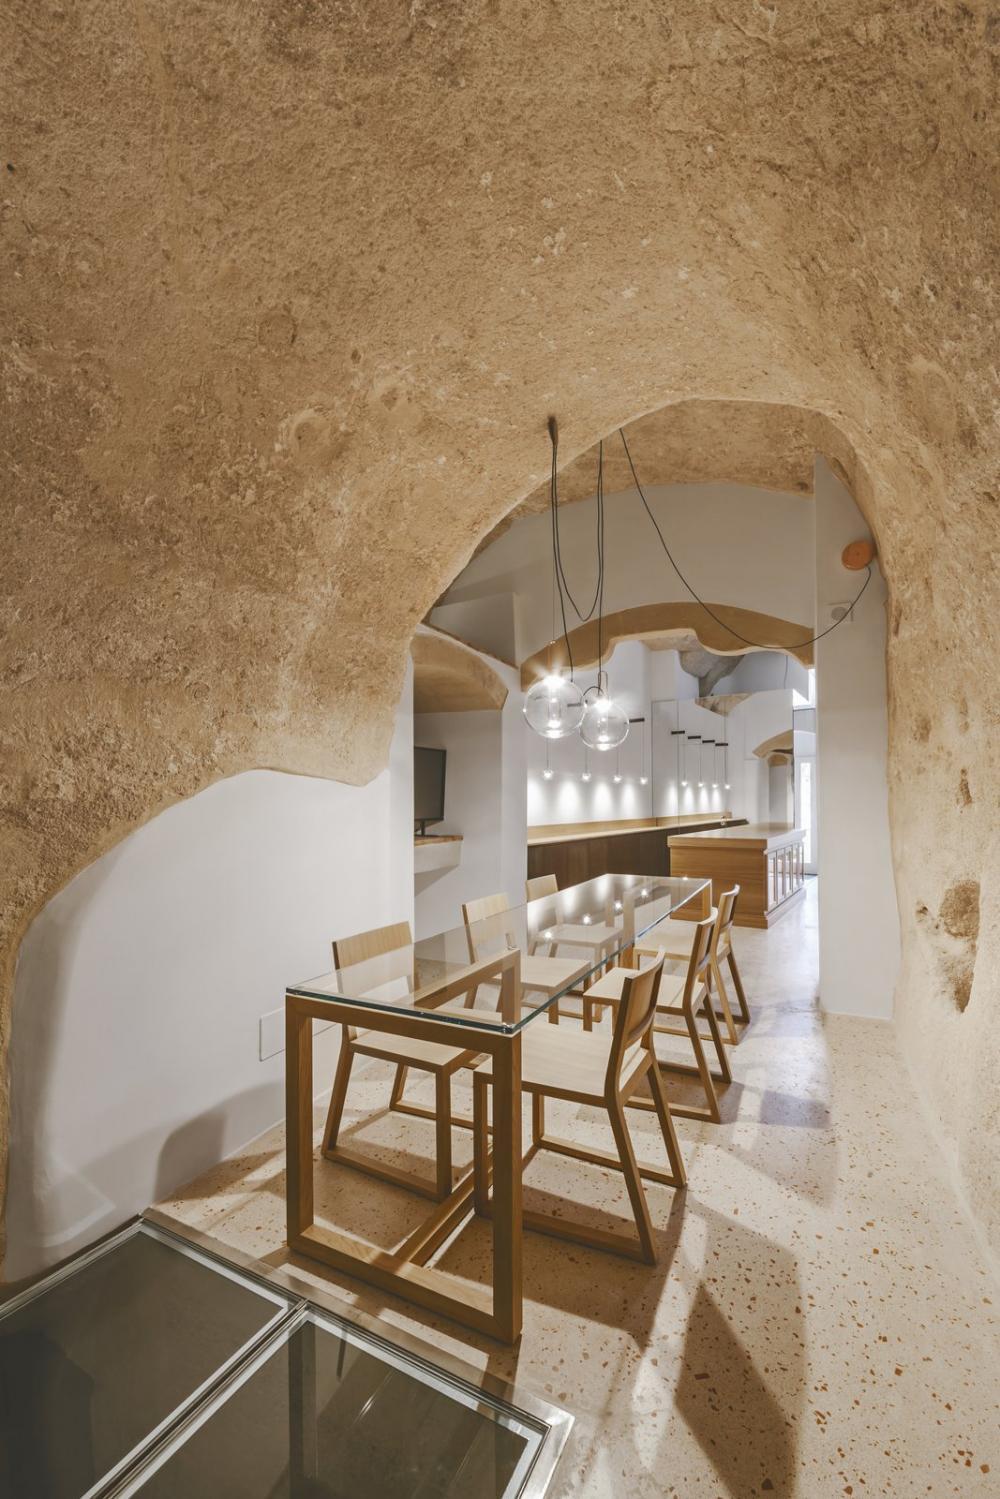 Phòng ăn ấm cúng hơn khi trang trí đèn thả có ánh sáng vàng